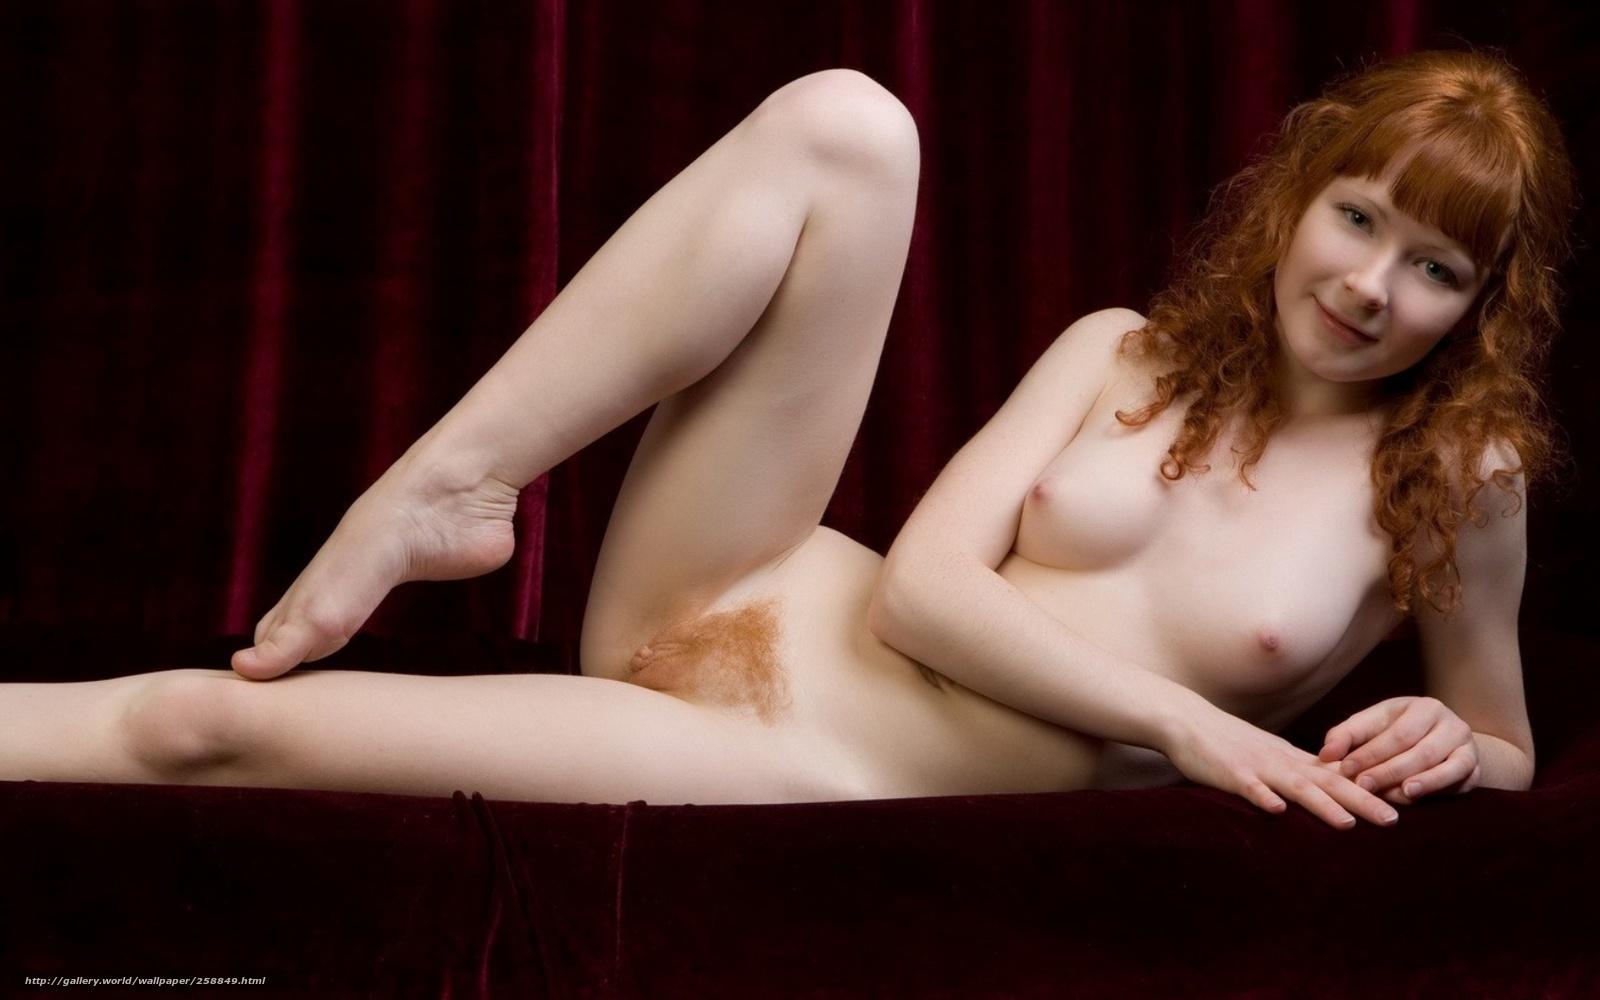 Рыжие небритые девушки фото 2 фотография